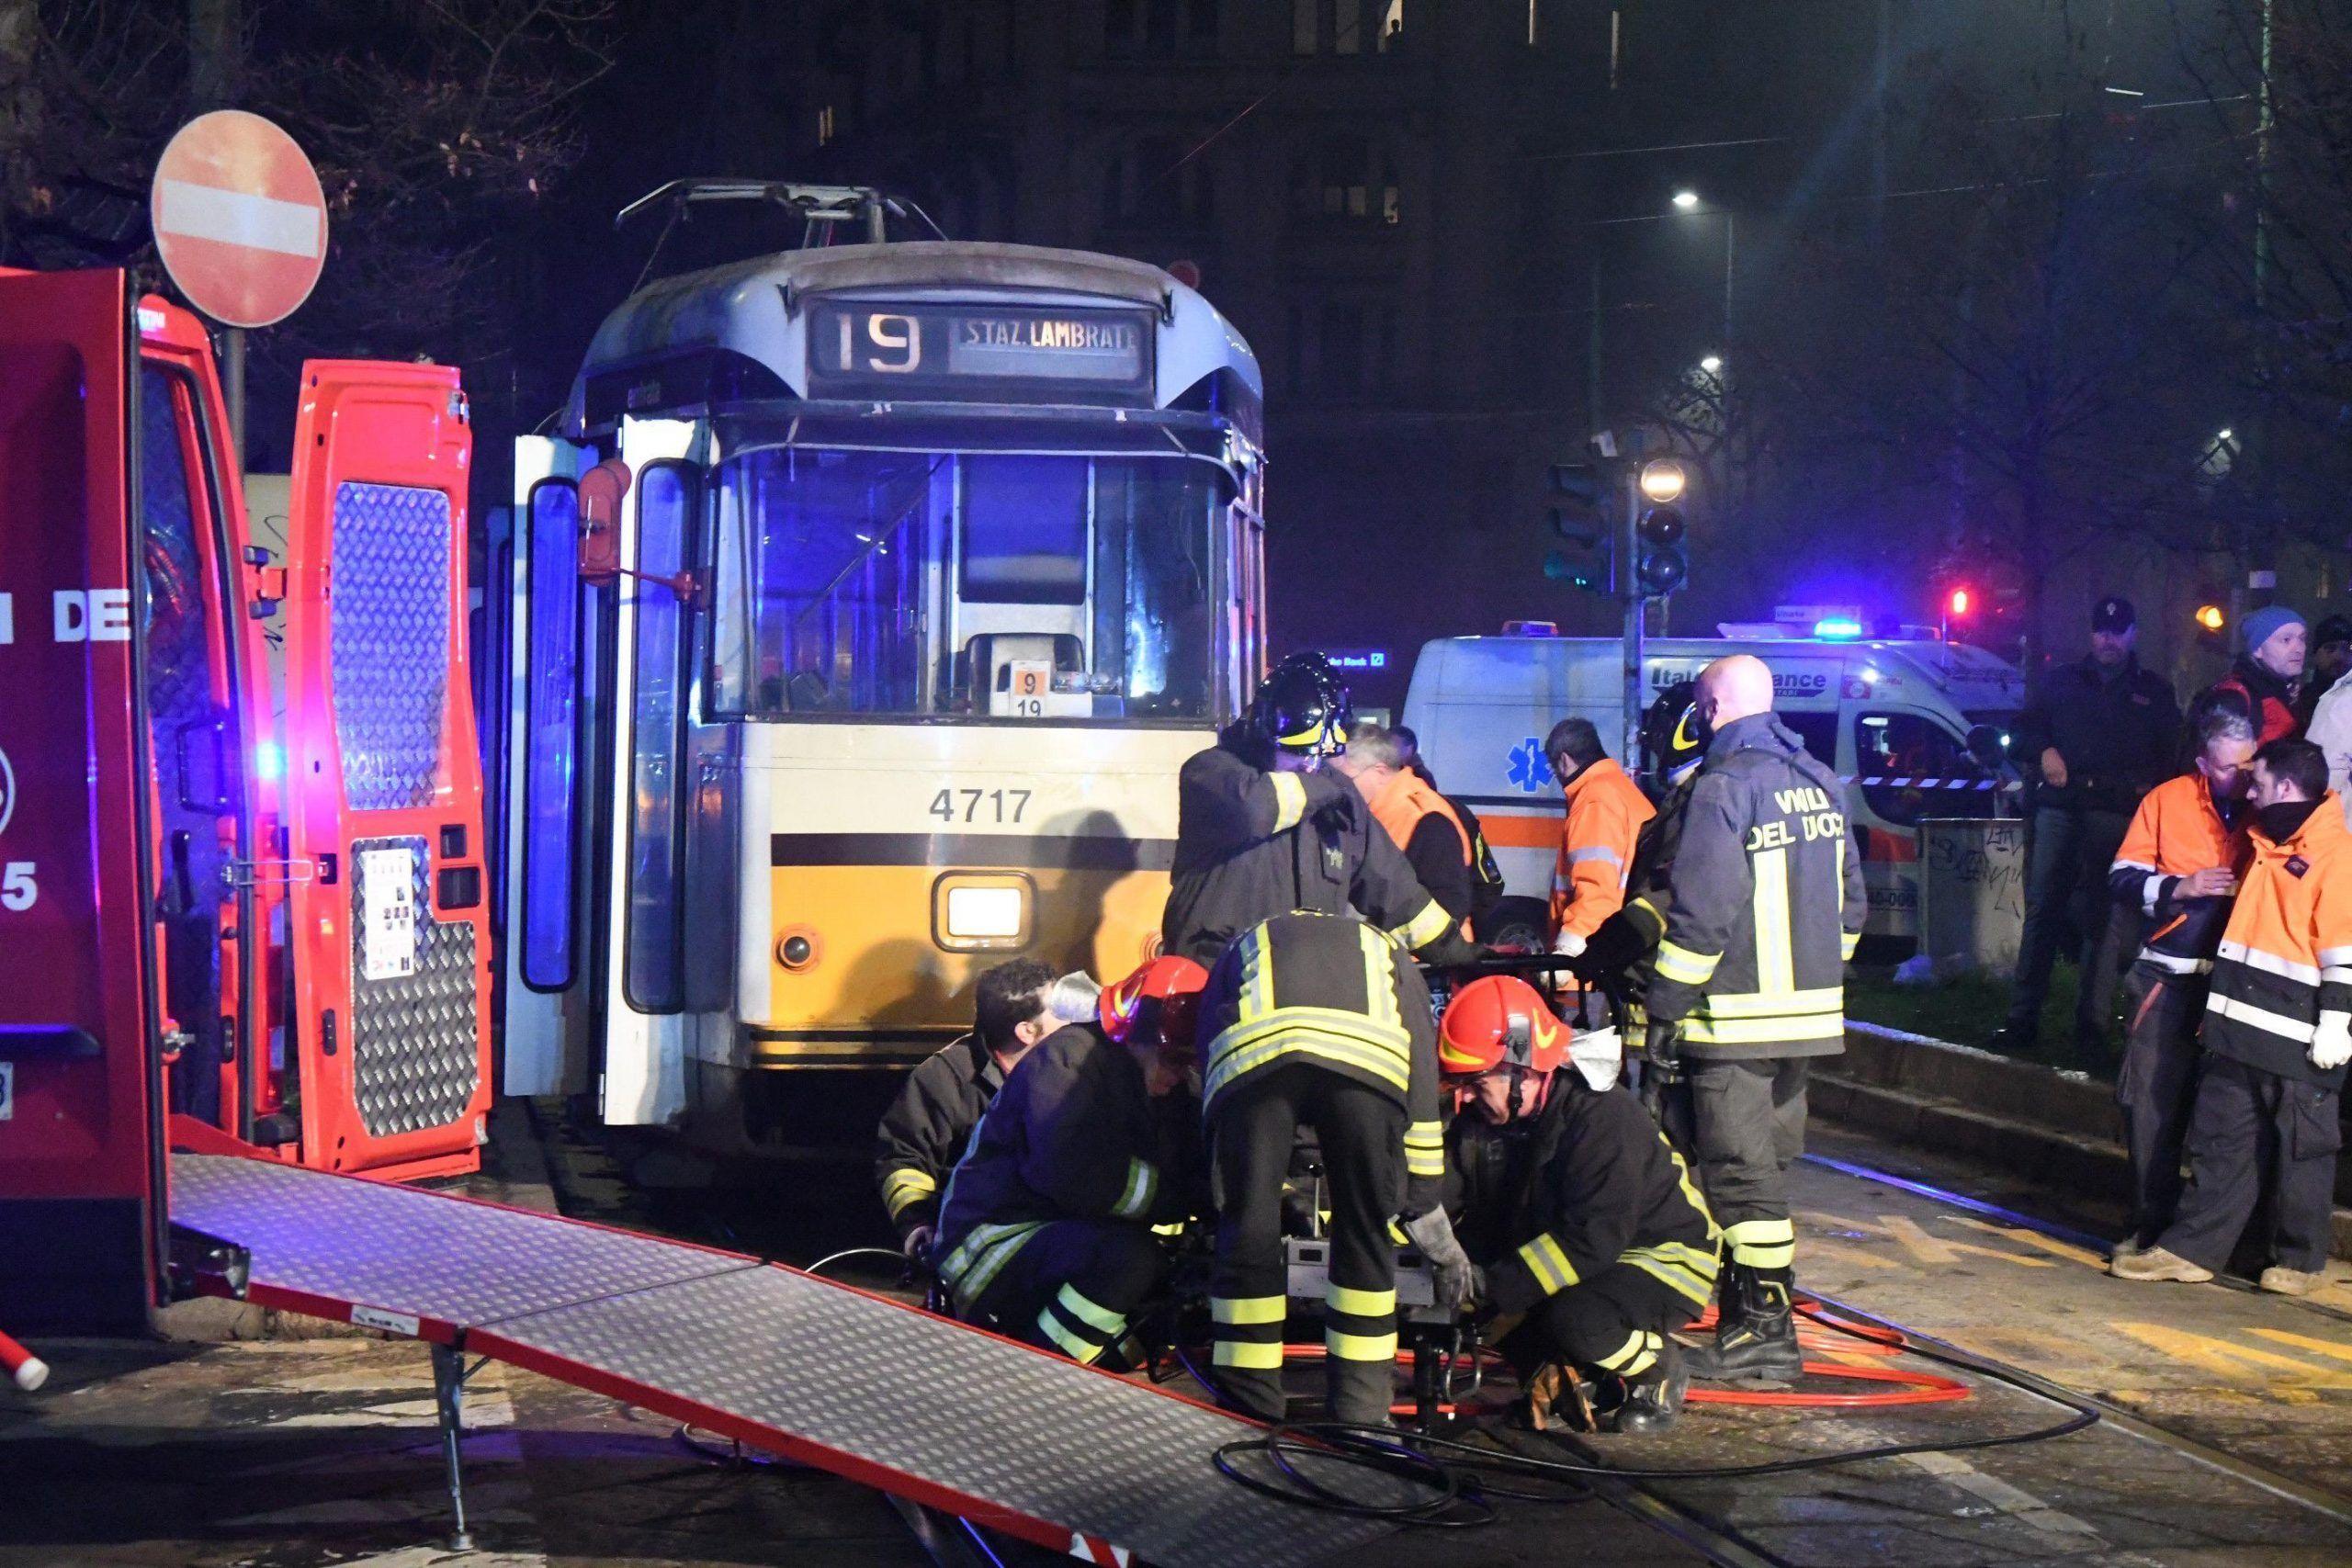 Incidente a Milano uomo travolto e ucciso da un tram